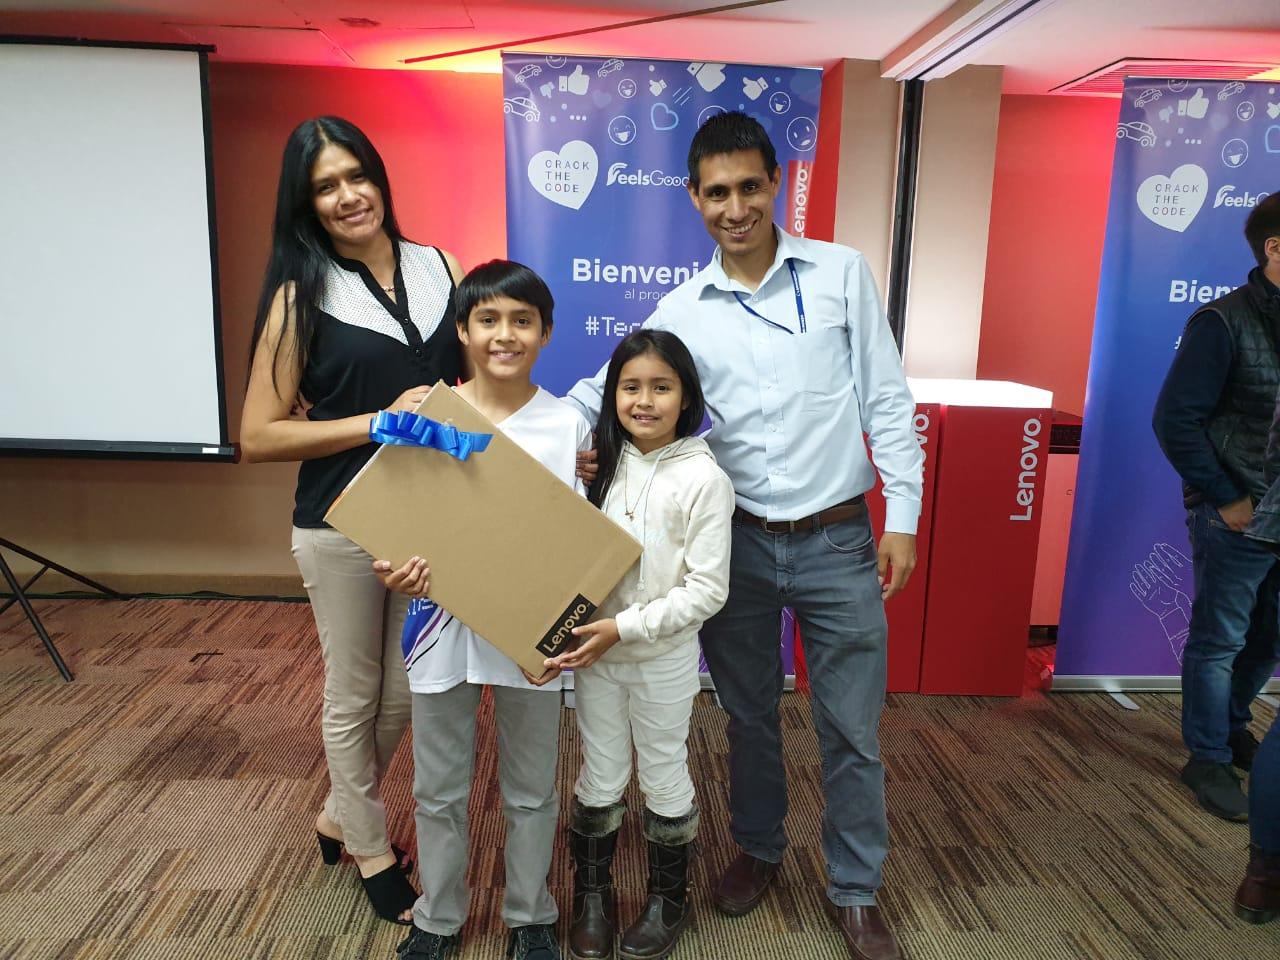 Christian acompañado de sus papás y hermana.